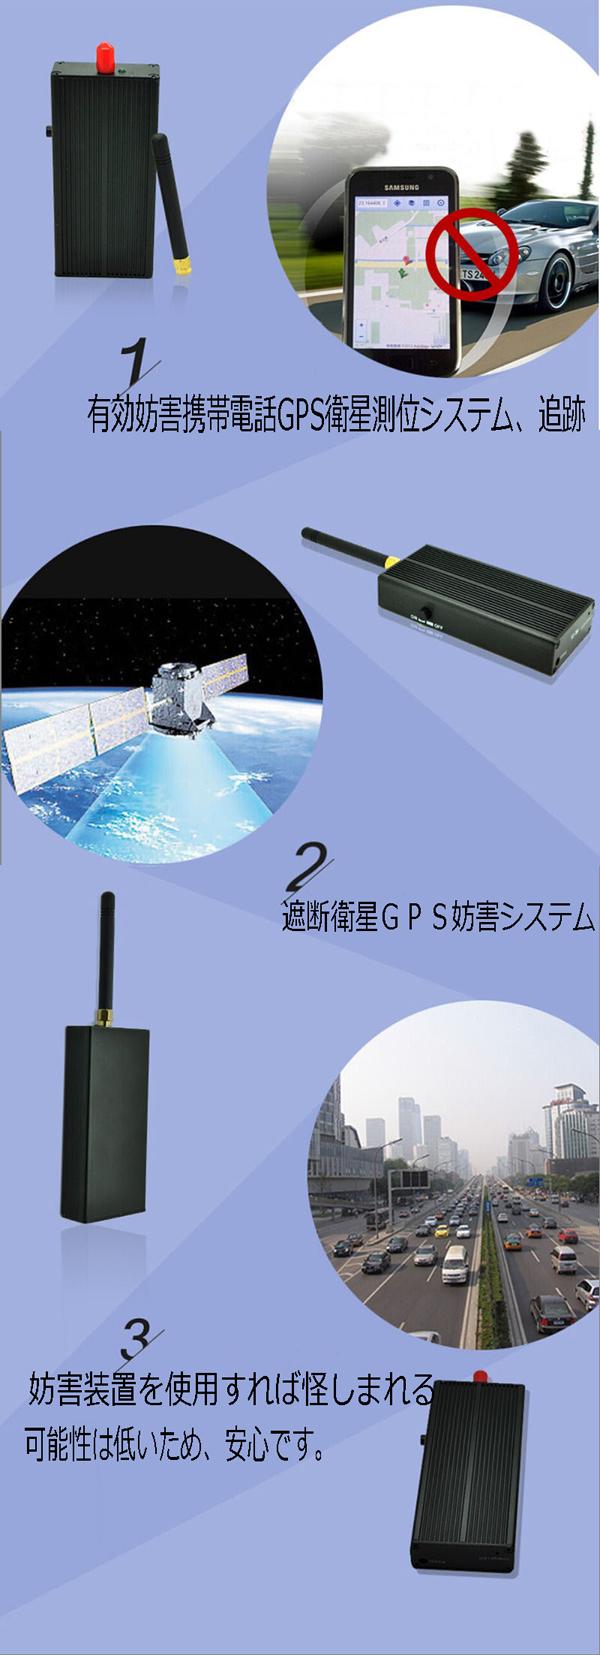 GPS衛星妨害装置